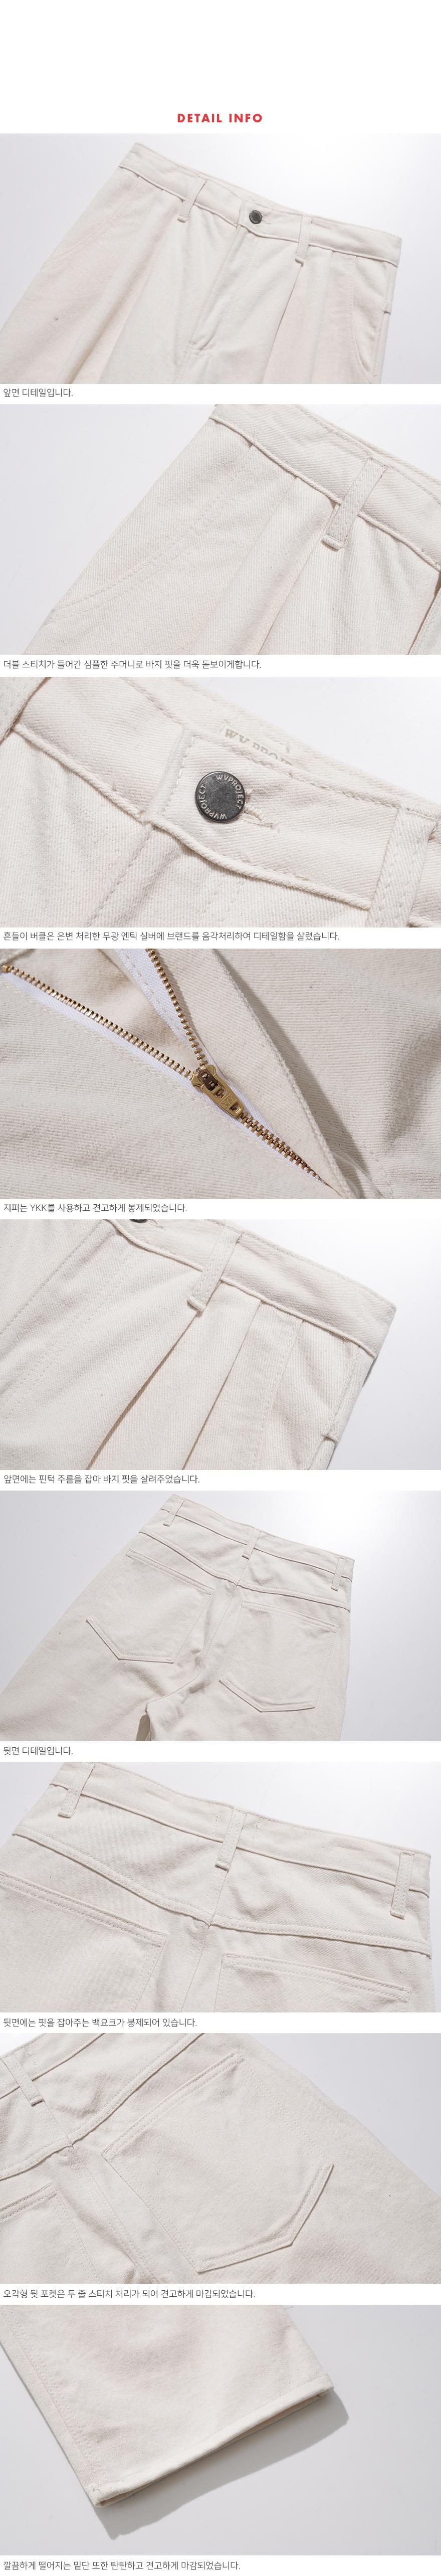 JJLP7466_detail_cream_ji.jpg